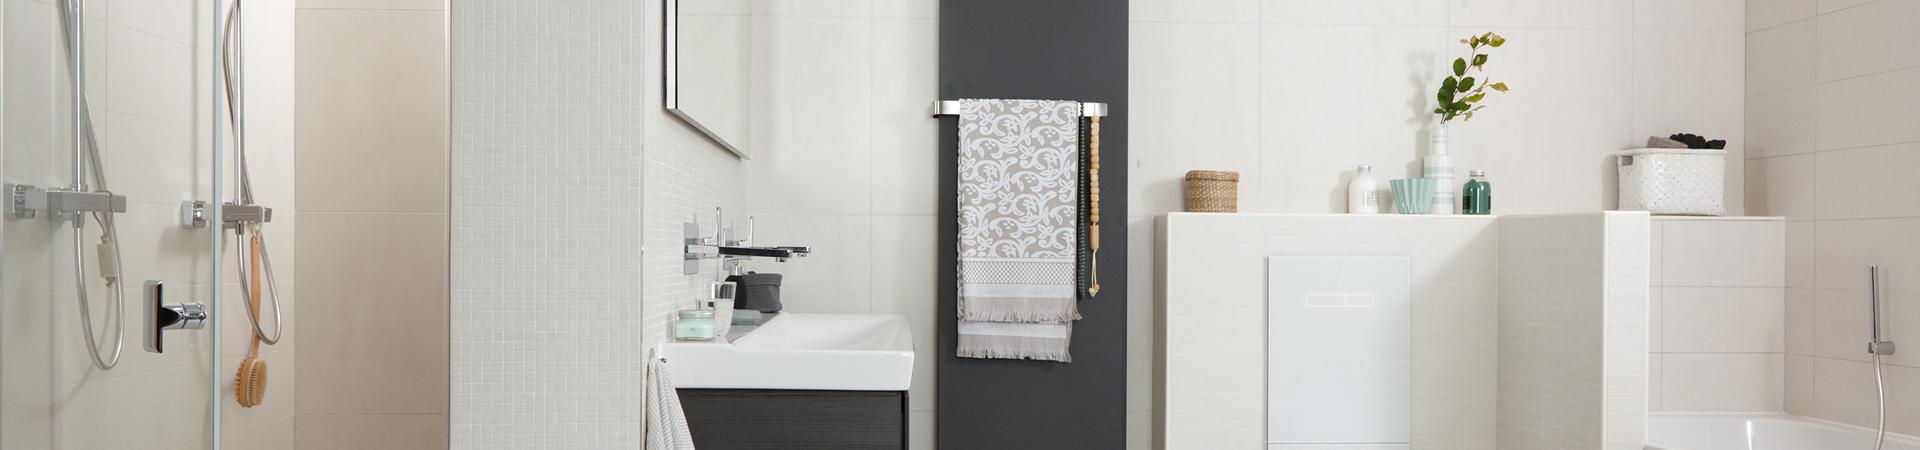 Onderhoudstips voor je sanitair - Onderhoudstips voor je sanitair